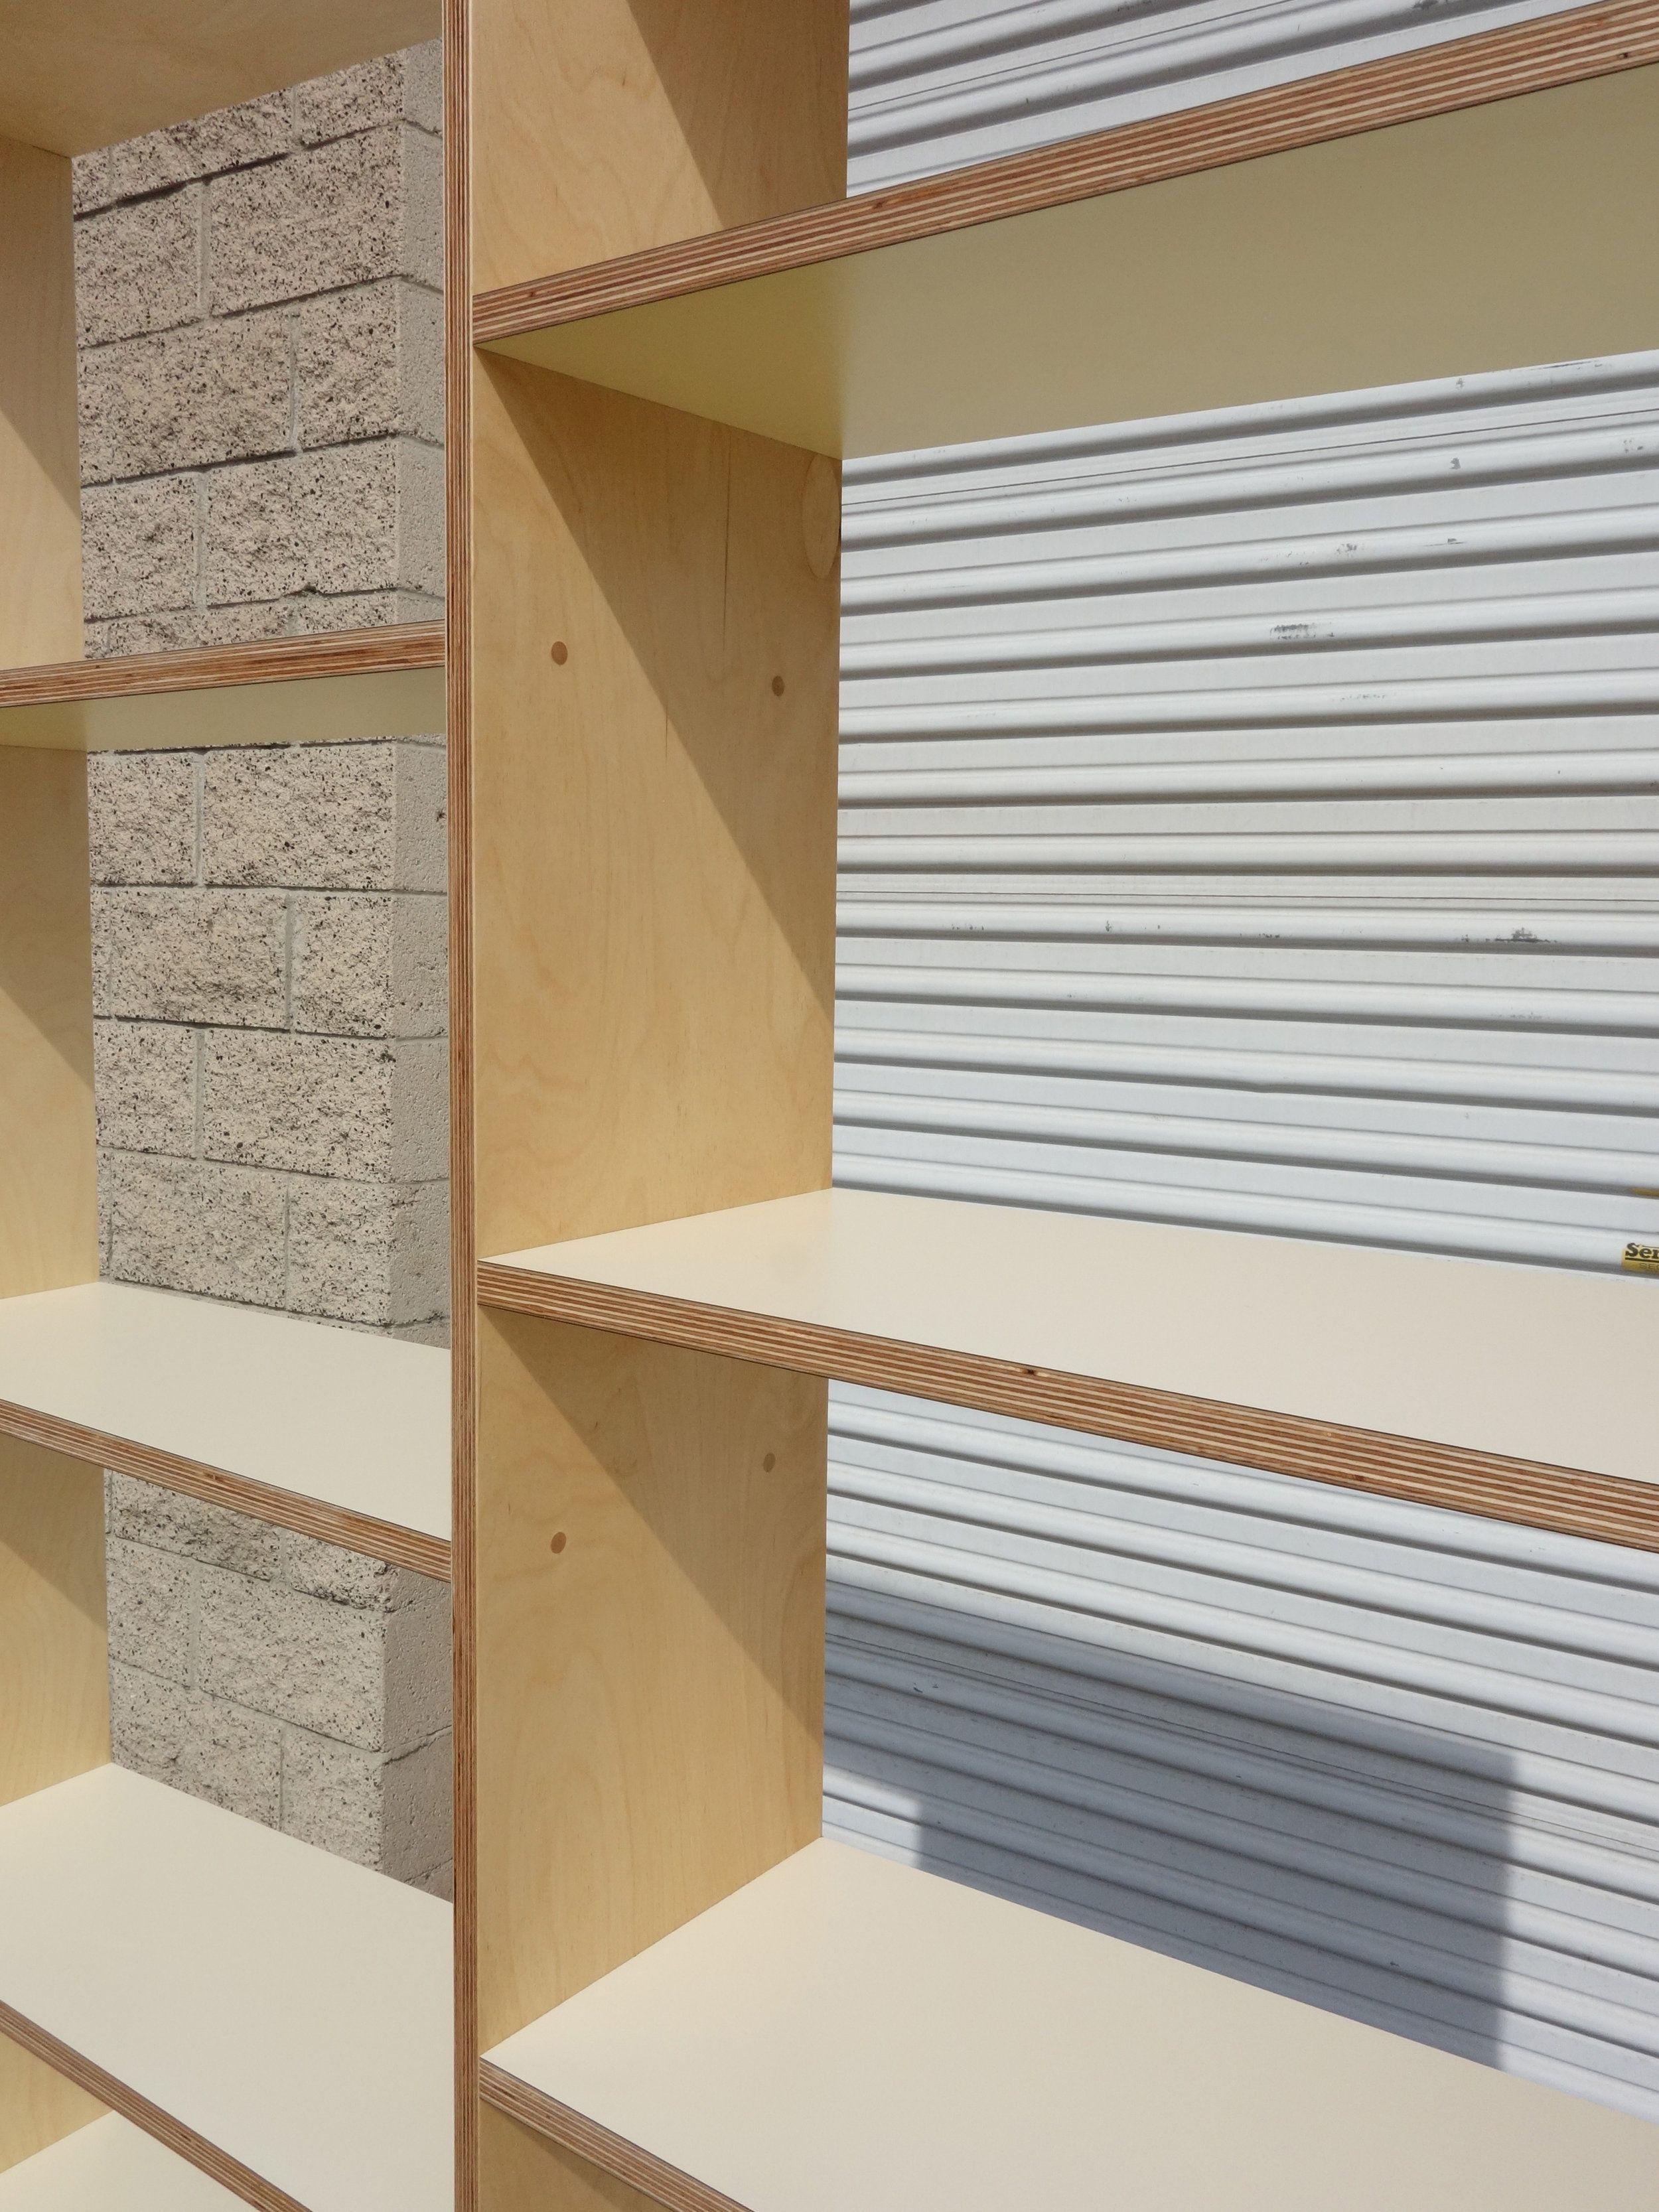 Trapezoid Bookshelf product image 6